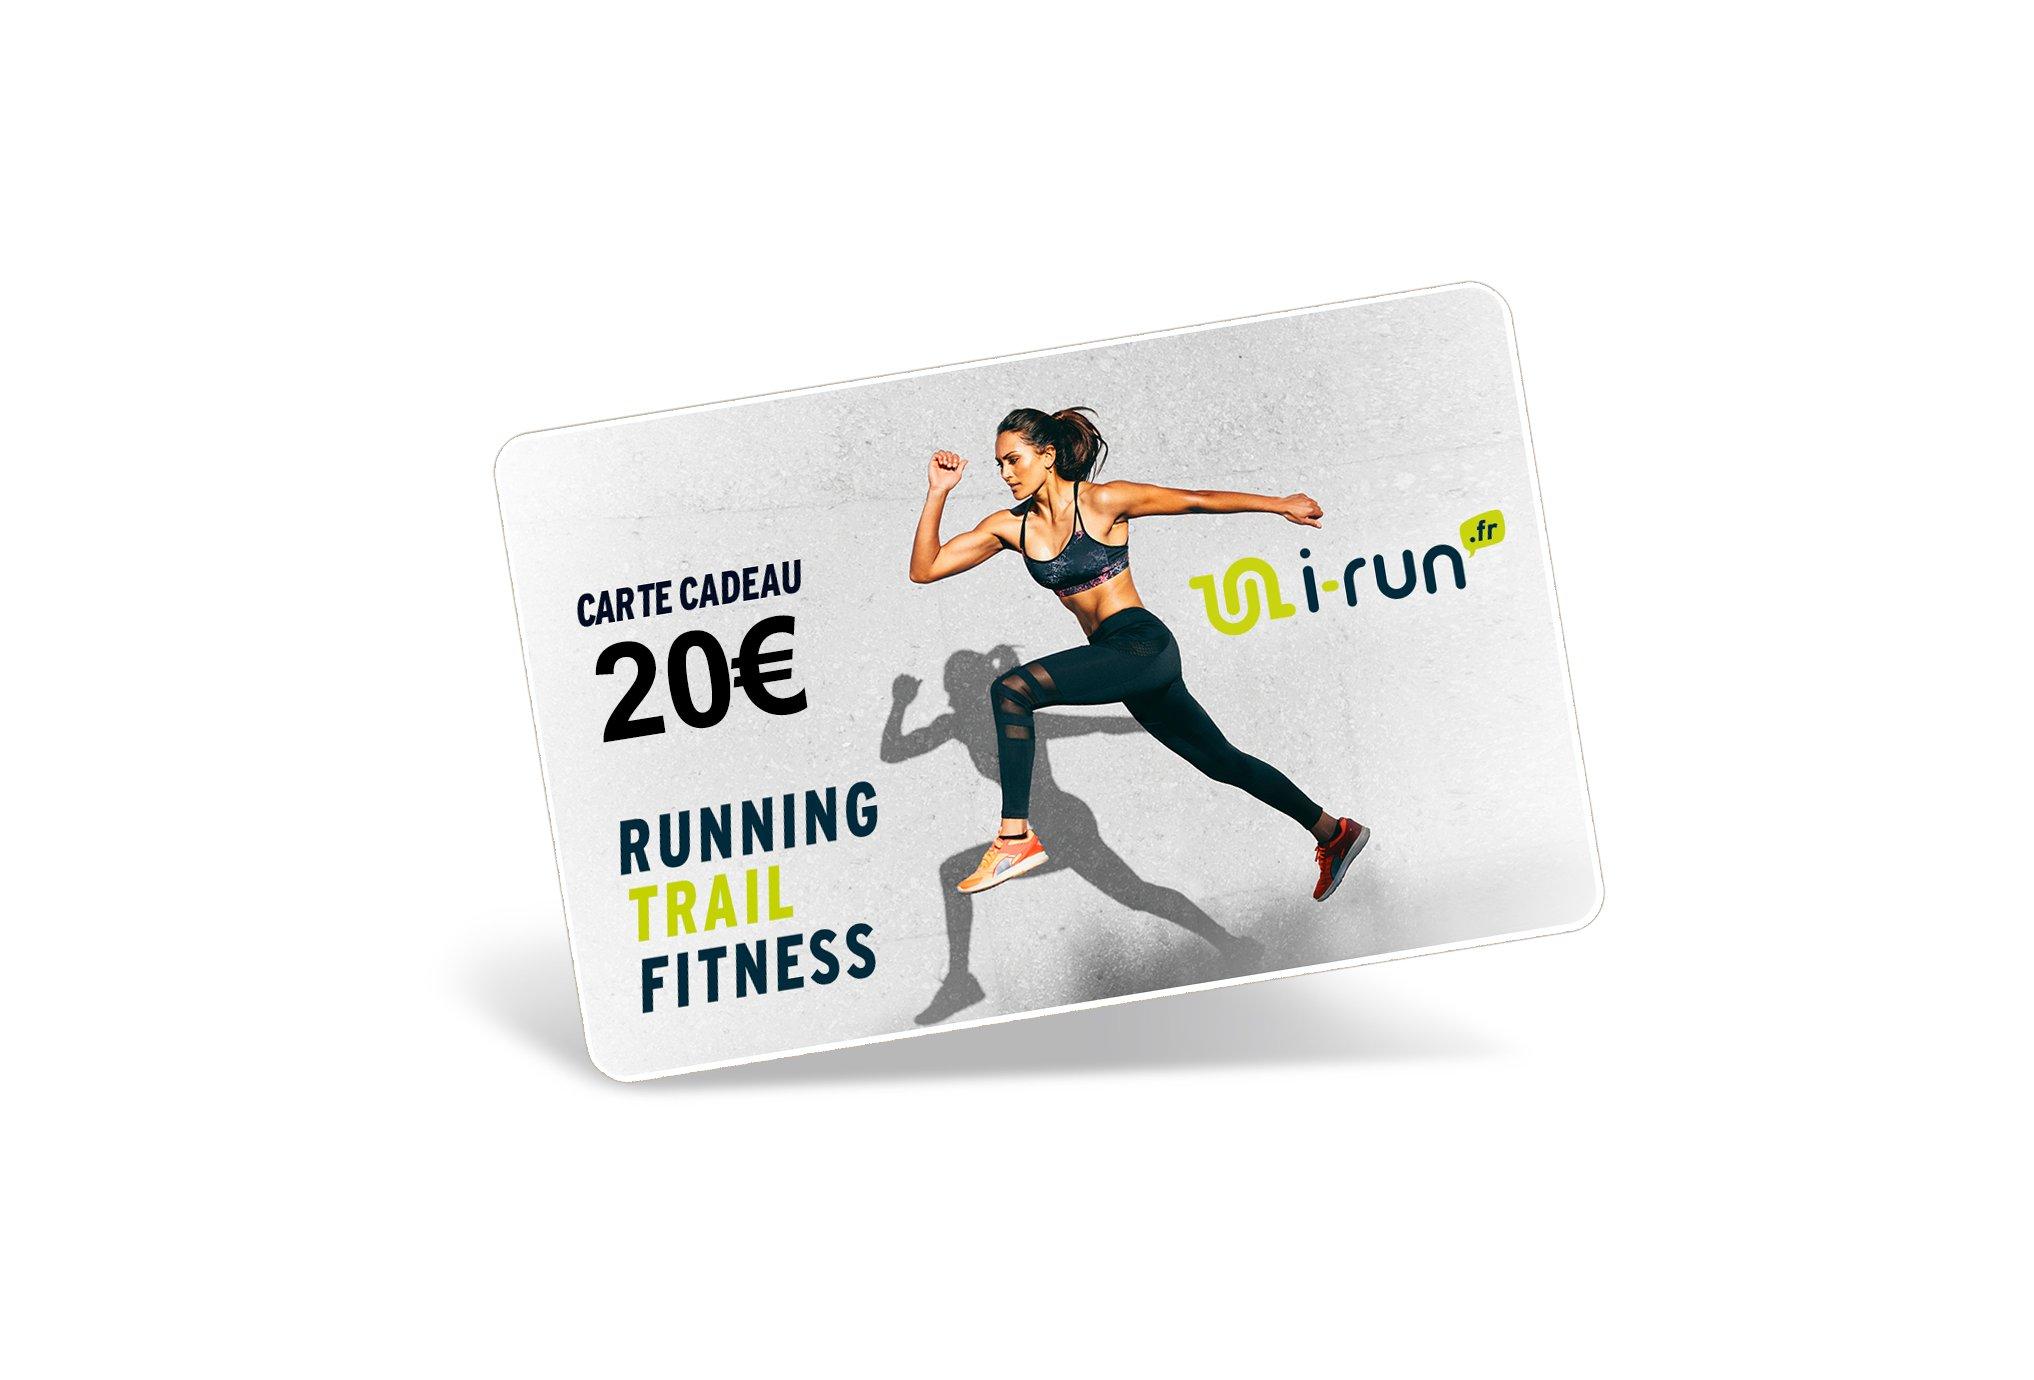 i-run.fr Carte Cadeau 20 W Cartes Cadeau